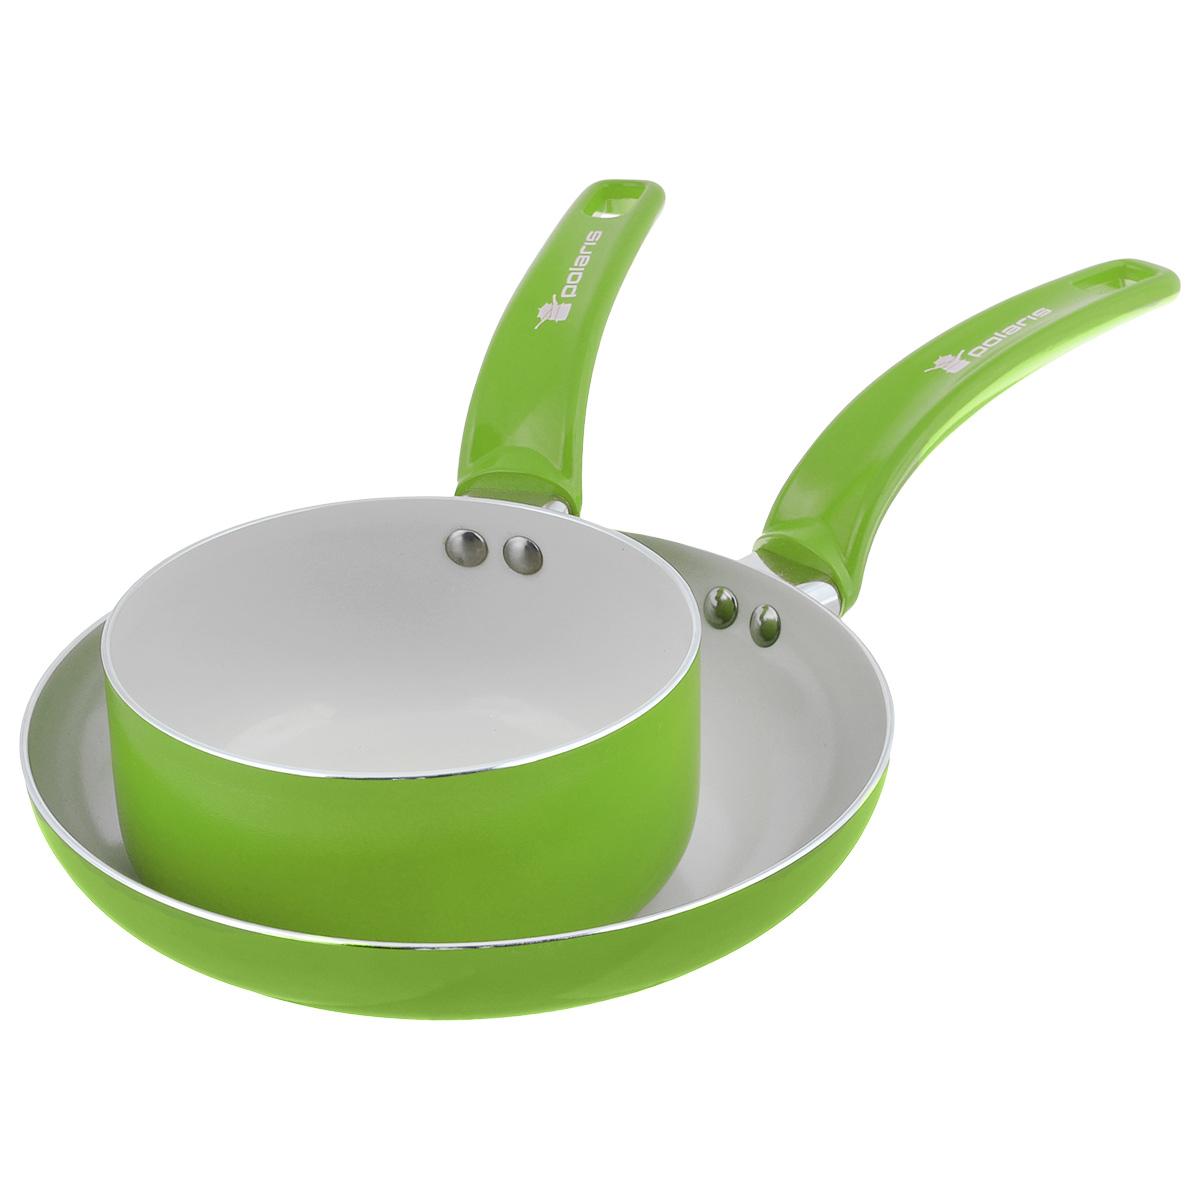 Набор посуды Polaris Rainbow, с керамическим покрытием, цвет: салатовый, 2 предмета68/5/4Набор посуды Polaris Rainbow состоит из сковороды и ковша. Изделия выполнены из алюминия с керамическим антипригарным покрытием. Покрытие экологично, не содержит примеси PFOA и PTFE. Эргономичная ручка из бакелита не нагревается в процессе эксплуатации. Изделия подходят для всех типов плит, кроме индукционных. Можно мыть в посудомоечной машине. Диаметр сковороды (по верхнему краю): 24 см. Диаметр ковша (по верхнему краю): 16 см. Высота стенки сковороды: 4,5 см. Высота стенки ковша: 7,5 см. Длина ручки сковороды: 19 см. Длина ручки ковша: 16 см. Толщина стенки: 2,5 мм. Толщина дна: 3 мм.